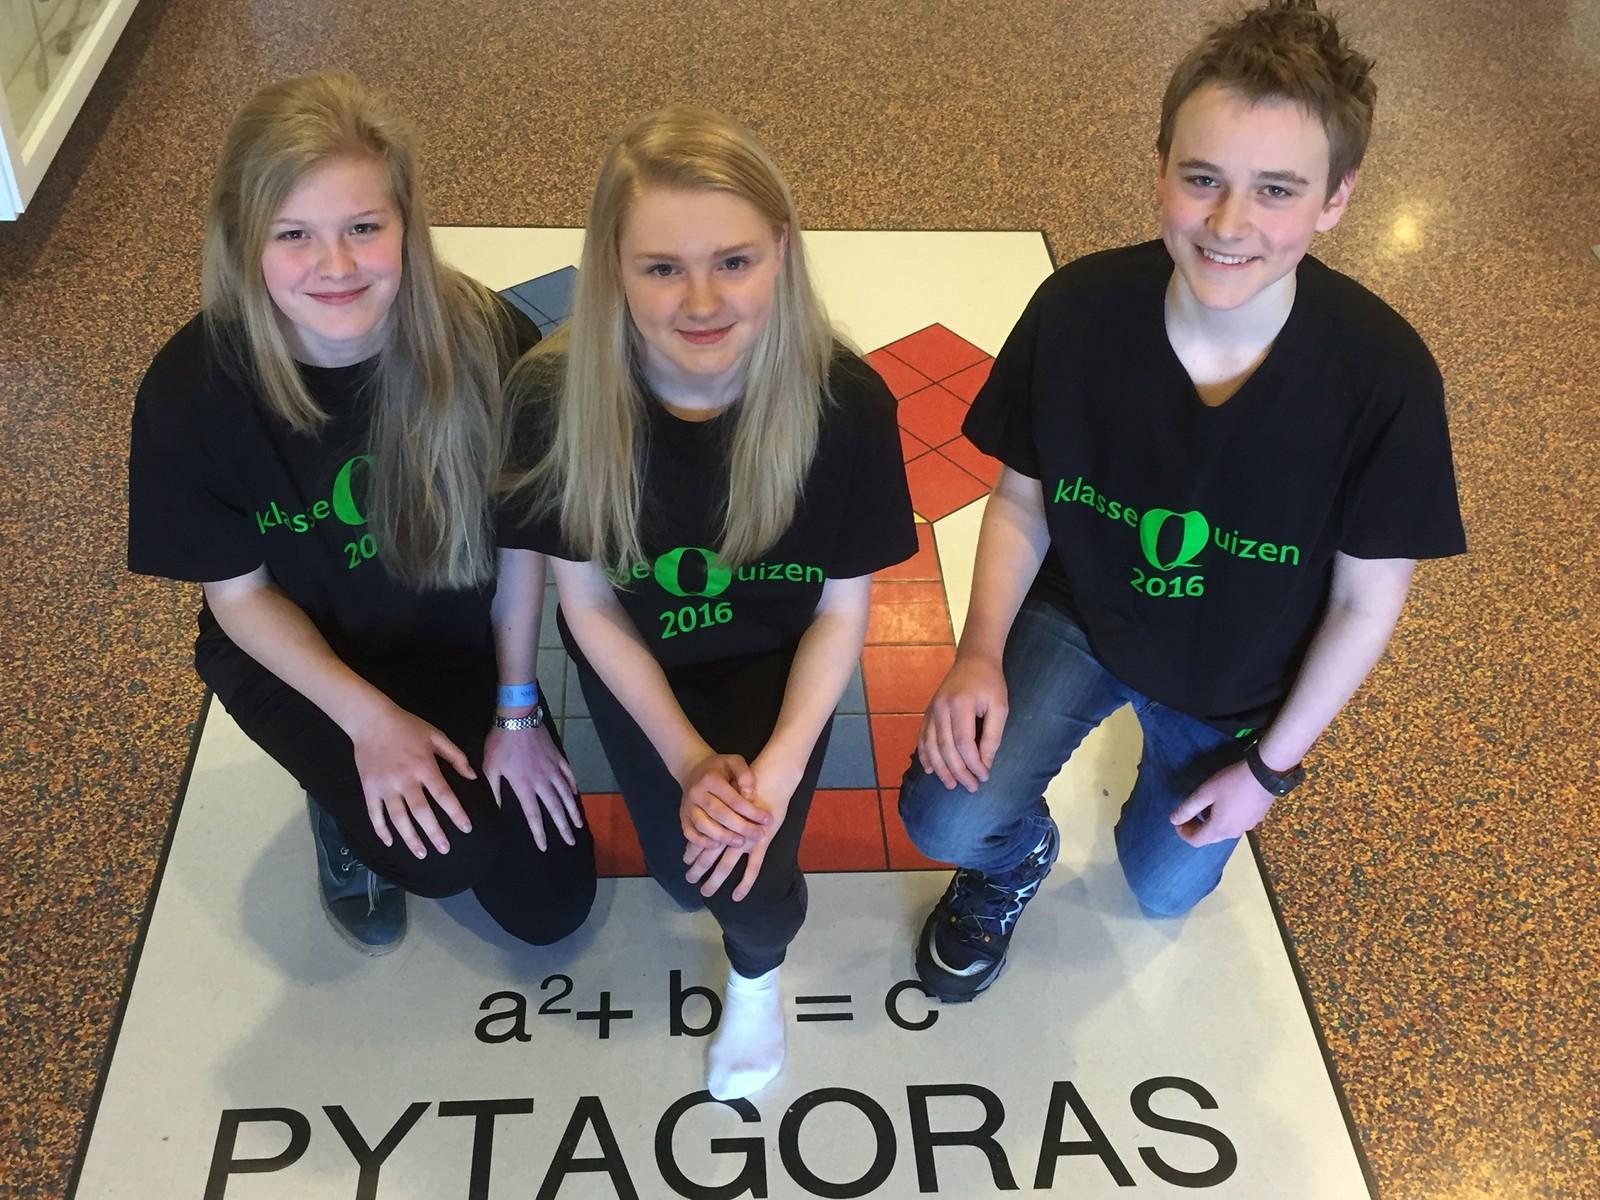 Åshild Føllesdal, Heidi Østmoe og Simen Strand Jensen ved Åretta ungdomsskole fikk seks poeng.